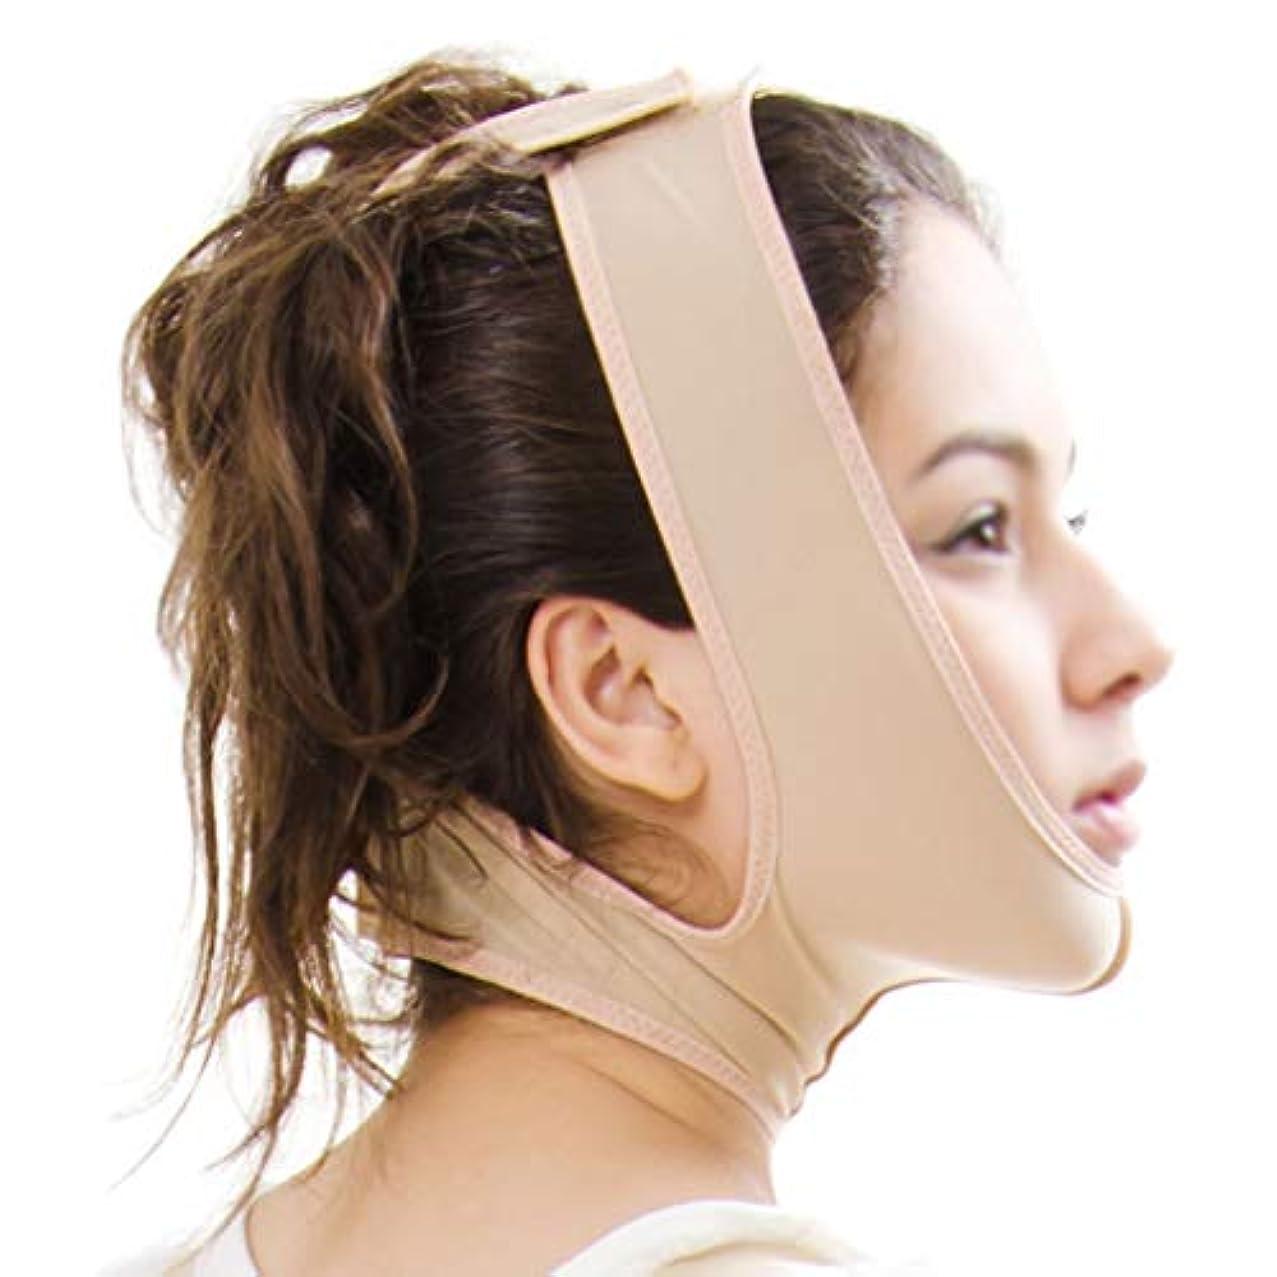 自治心配するサルベージGLJJQMY 顔面リフティング包帯あごの首と首の二重あごの脂肪吸引術後創傷マスク 顔用整形マスク (Size : S)